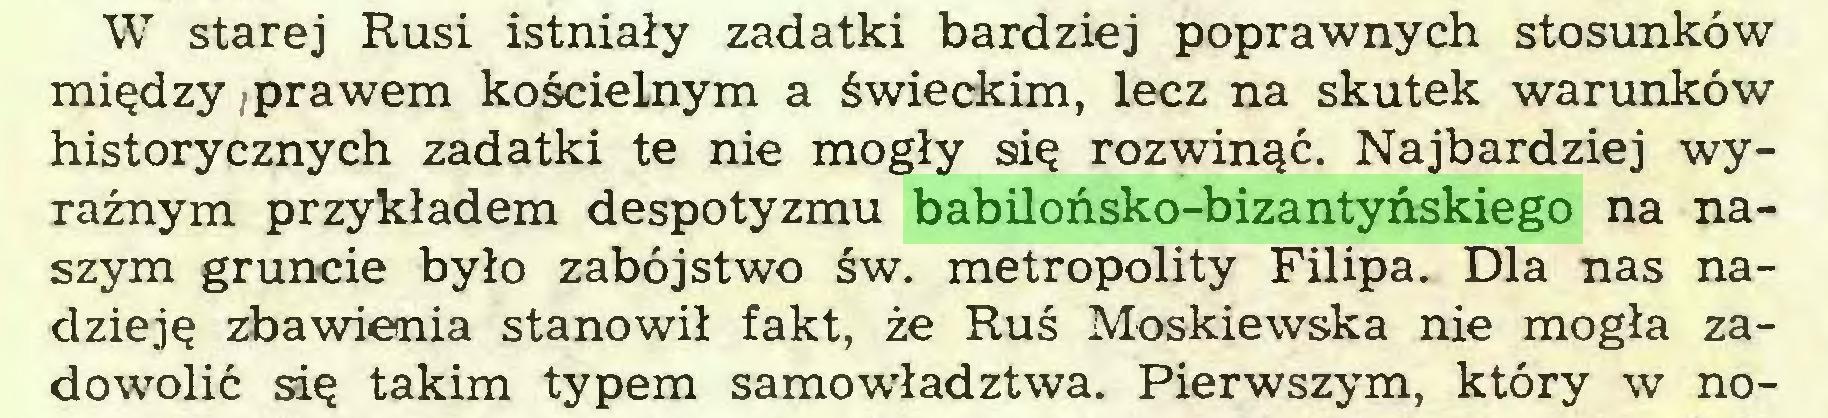 (...) W starej Rusi istniały zadatki bardziej poprawnych stosunków między .prawem kościelnym a świeckim, lecz na skutek warunków historycznych zadatki te nie mogły się rozwinąć. Najbardziej wyraźnym przykładem despotyzmu babilońsko-bizantyńskiego na naszym gruncie było zabójstwo św. metropolity Filipa. Dla nas nadzieję zbawienia stanowił fakt, że Ruś Moskiewska nie mogła zadowolić się takim typem samowładztwa. Pierwszym, który w no...